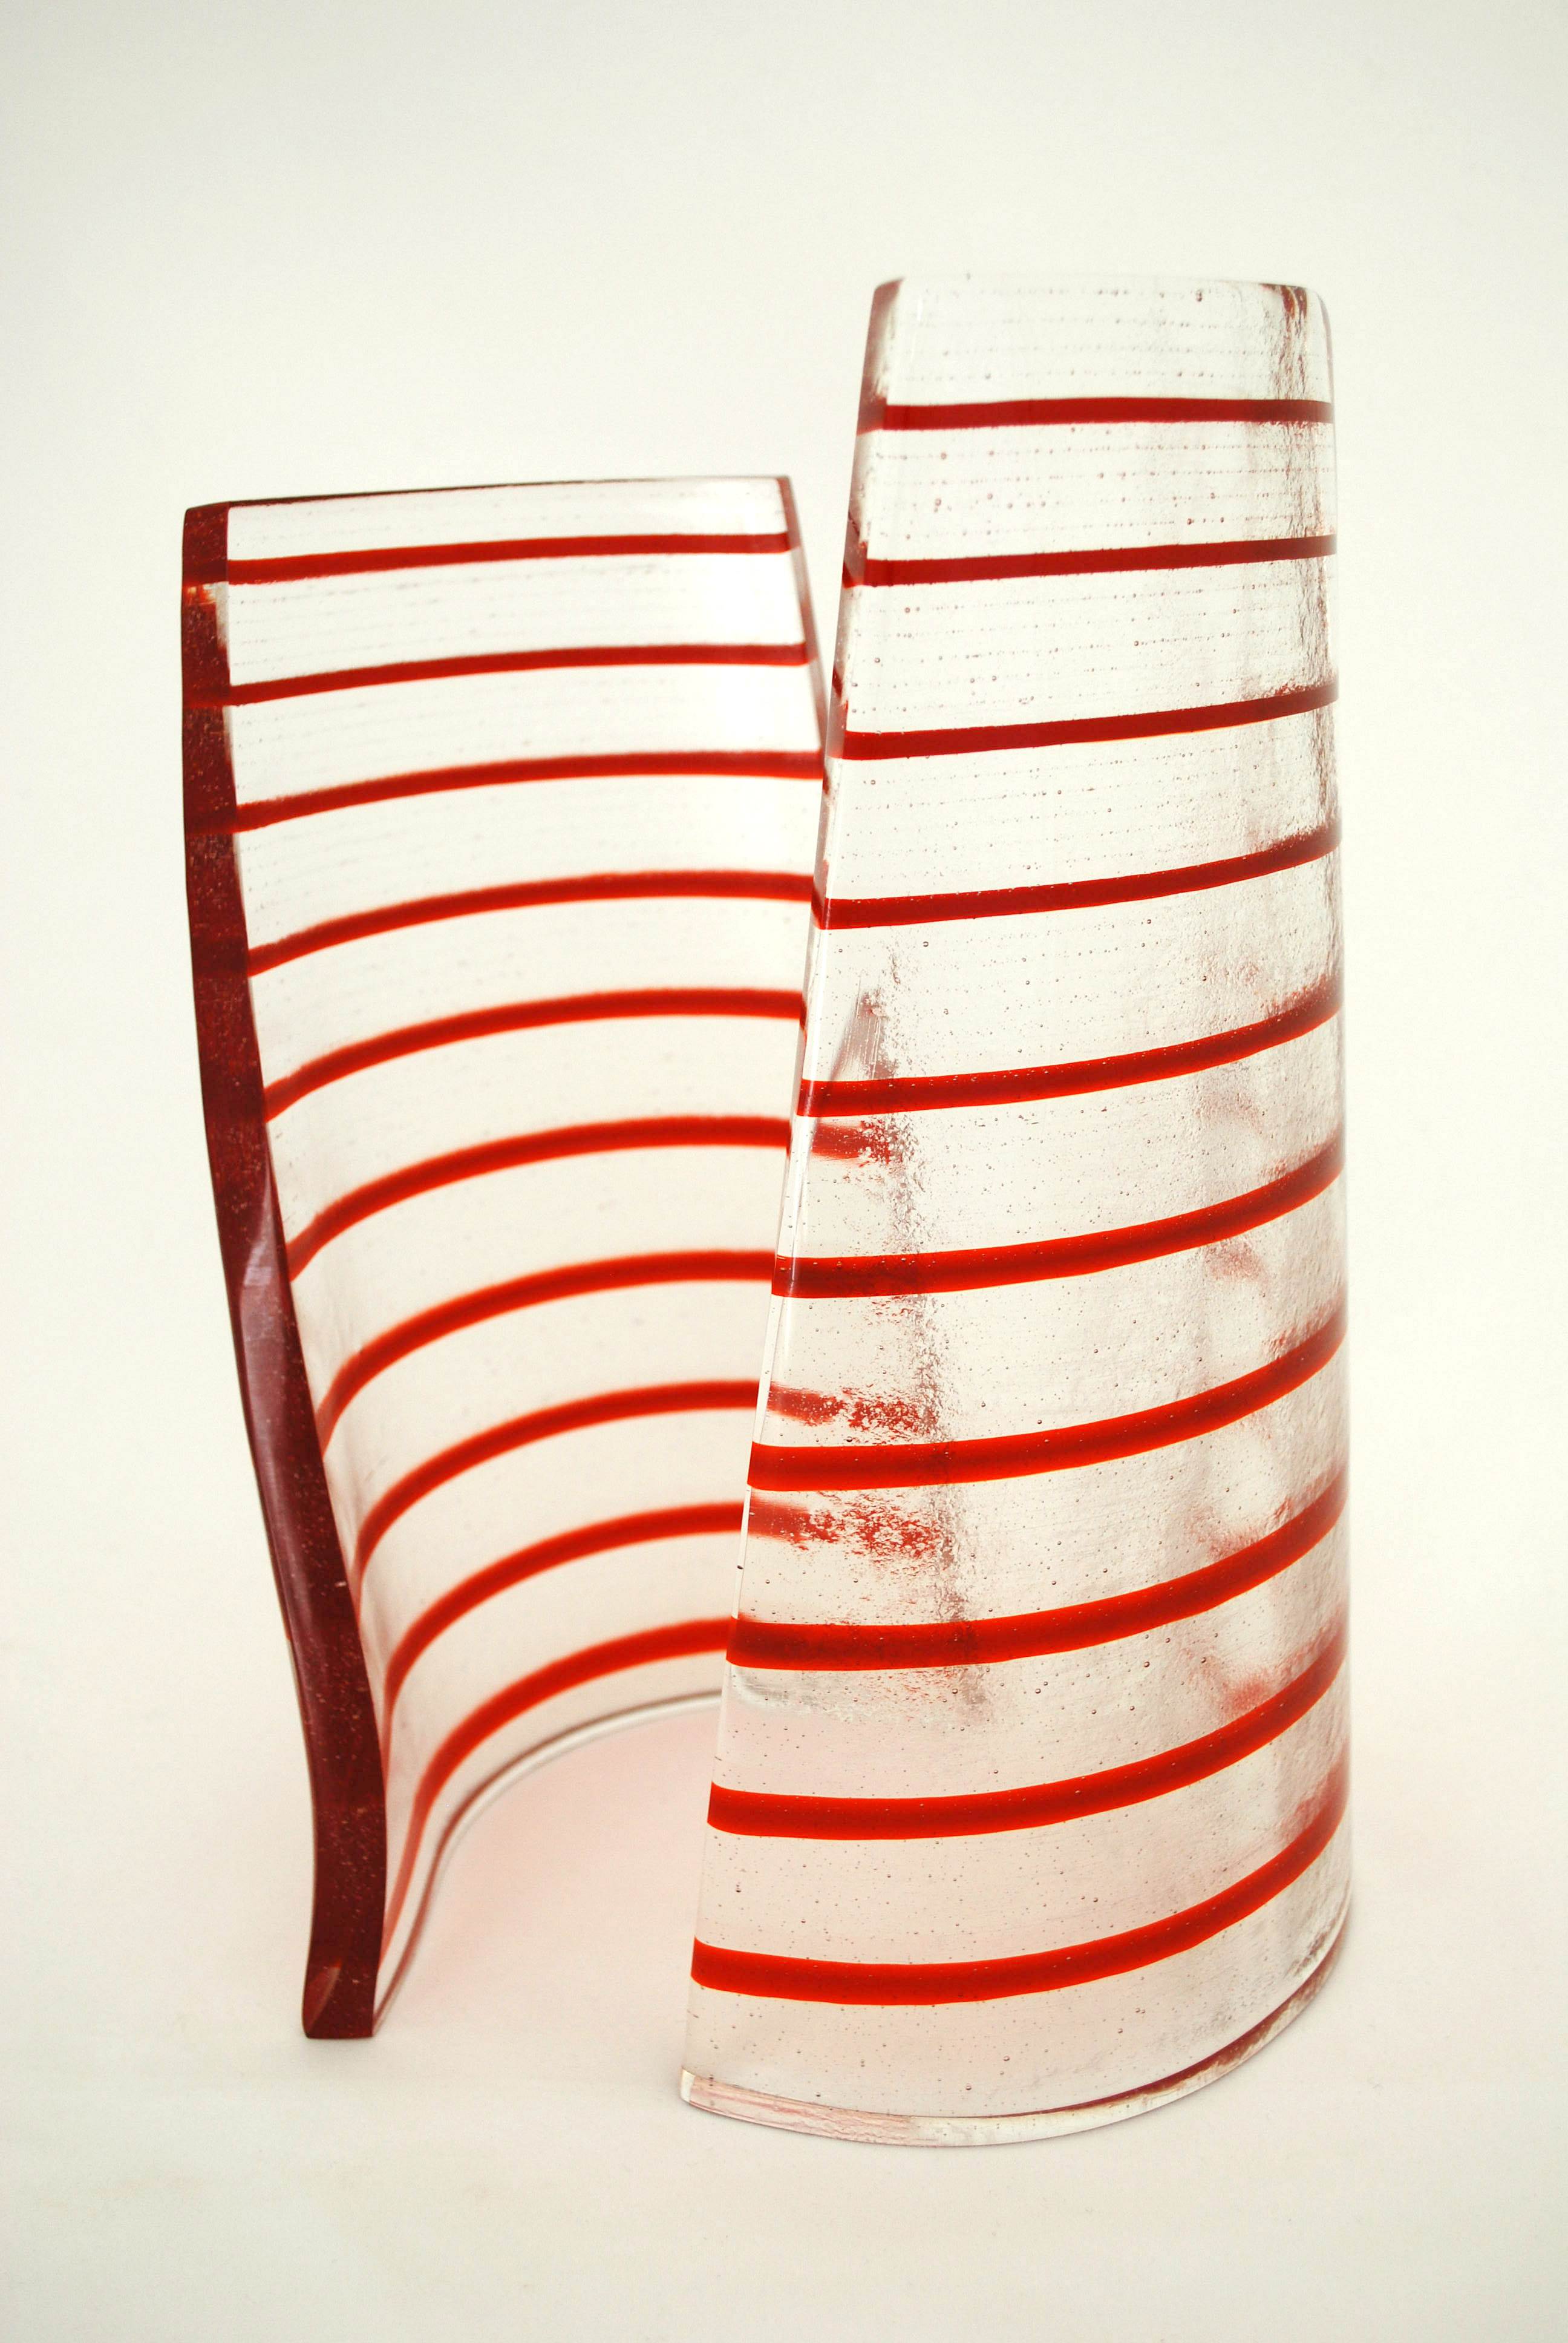 Dancers - pimento, glass sculpture